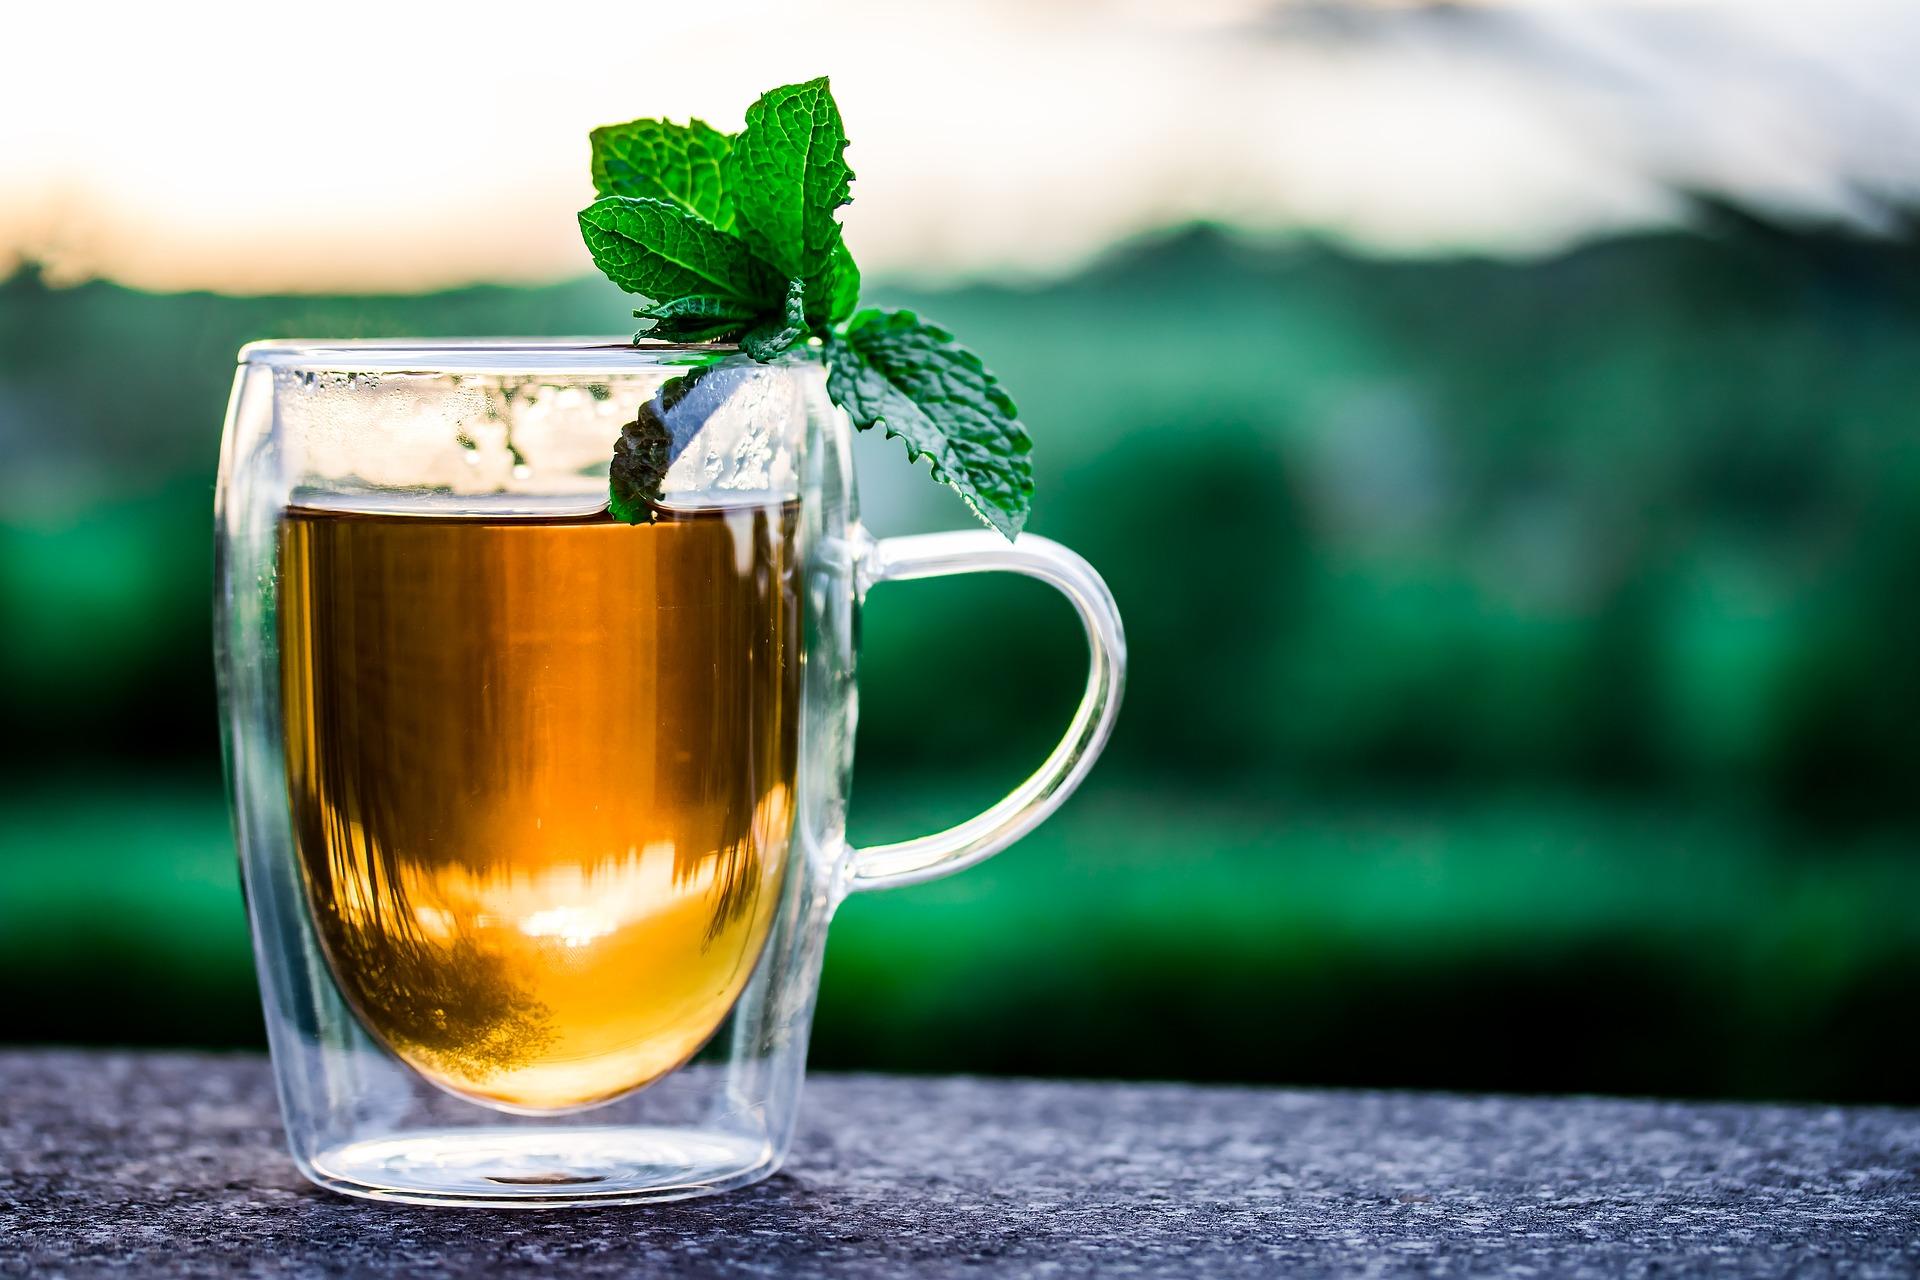 pierdere în greutate ceai diy